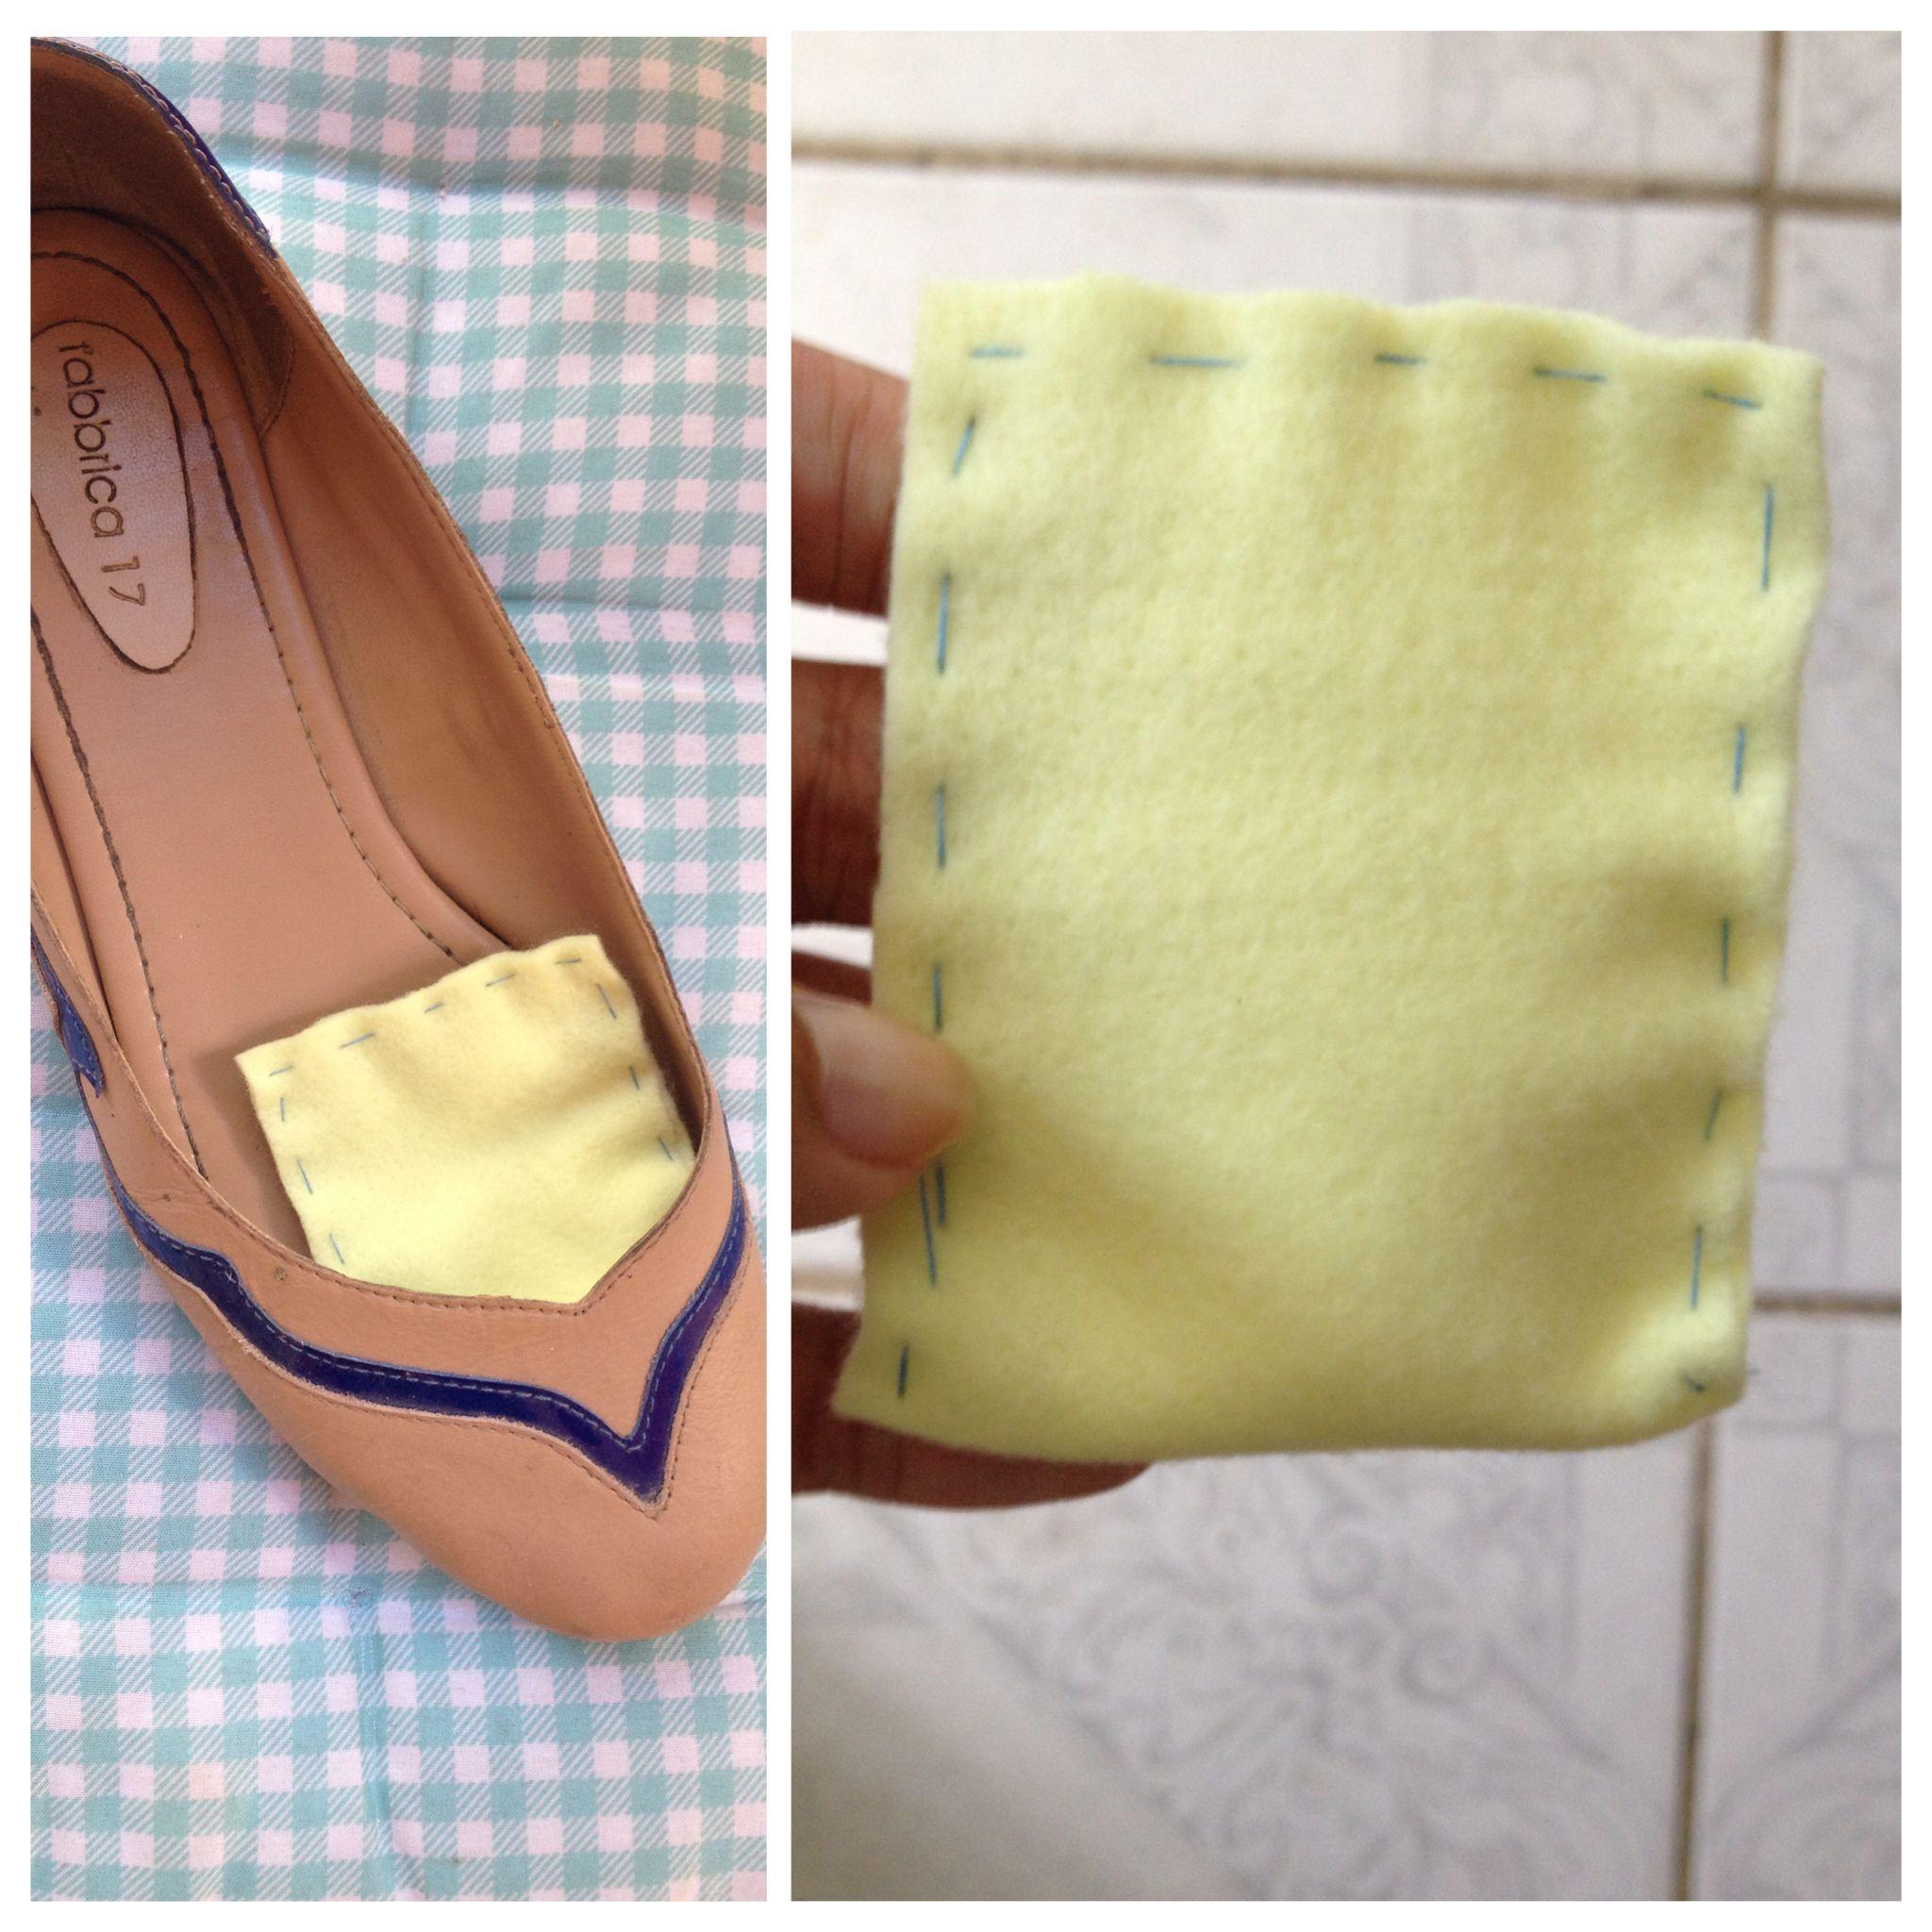 a2a5a73c1 Fazer saquinhos com bicarbonato de sódio reduz mal cheiro em sapatos! ^^